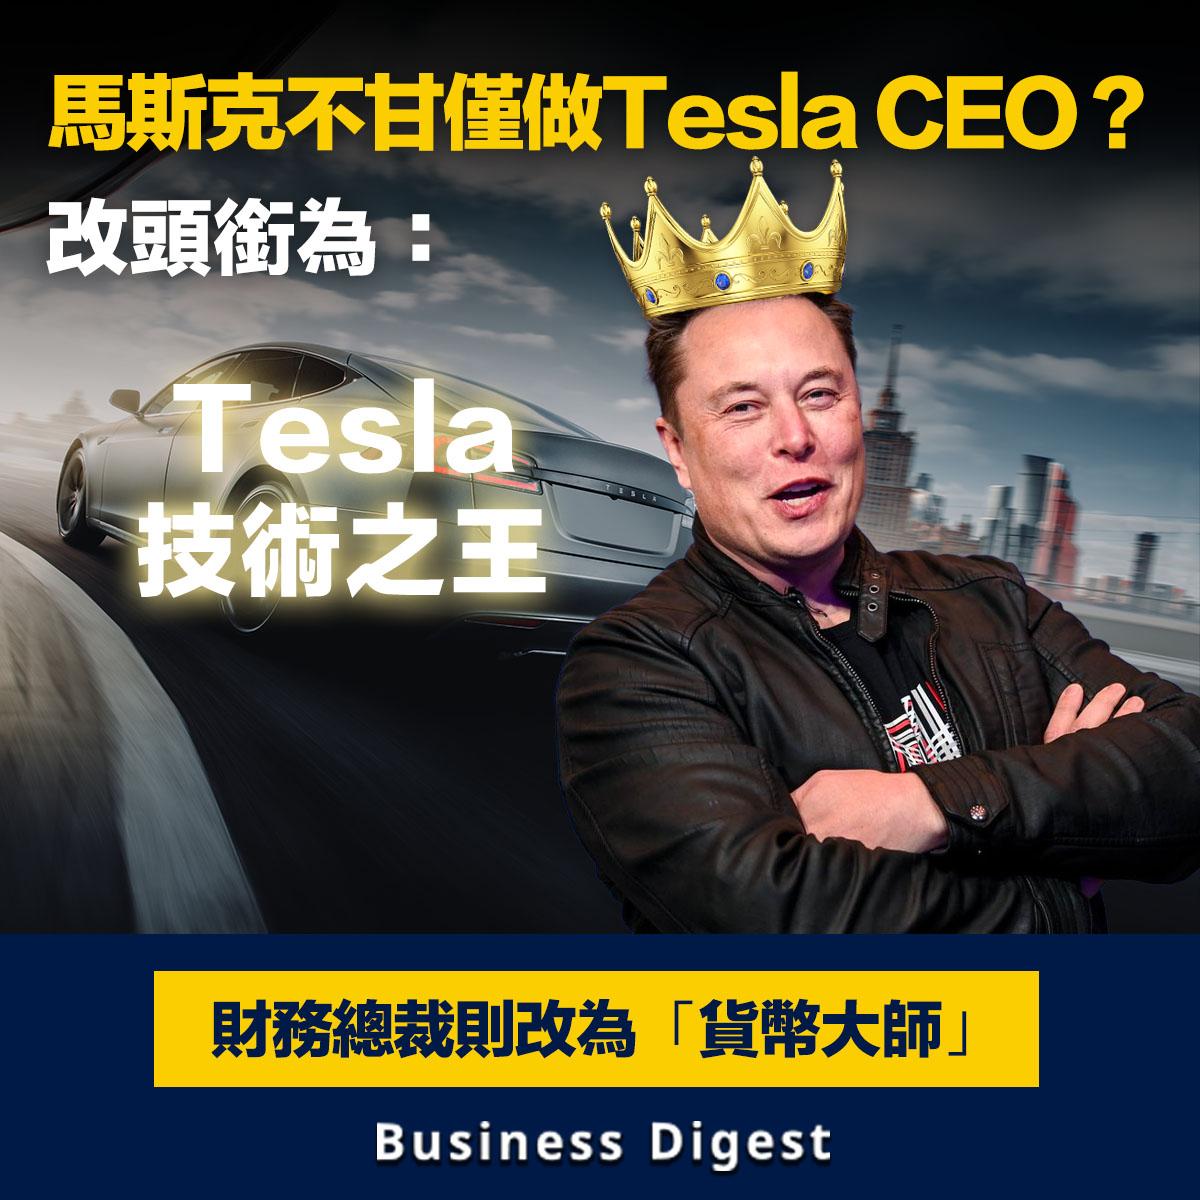 在Tesla向美國證券交易委員會(SEC)的文件顯示,馬斯克的頭銜變成「Tesla技術之王」(Technoking of Tesla)